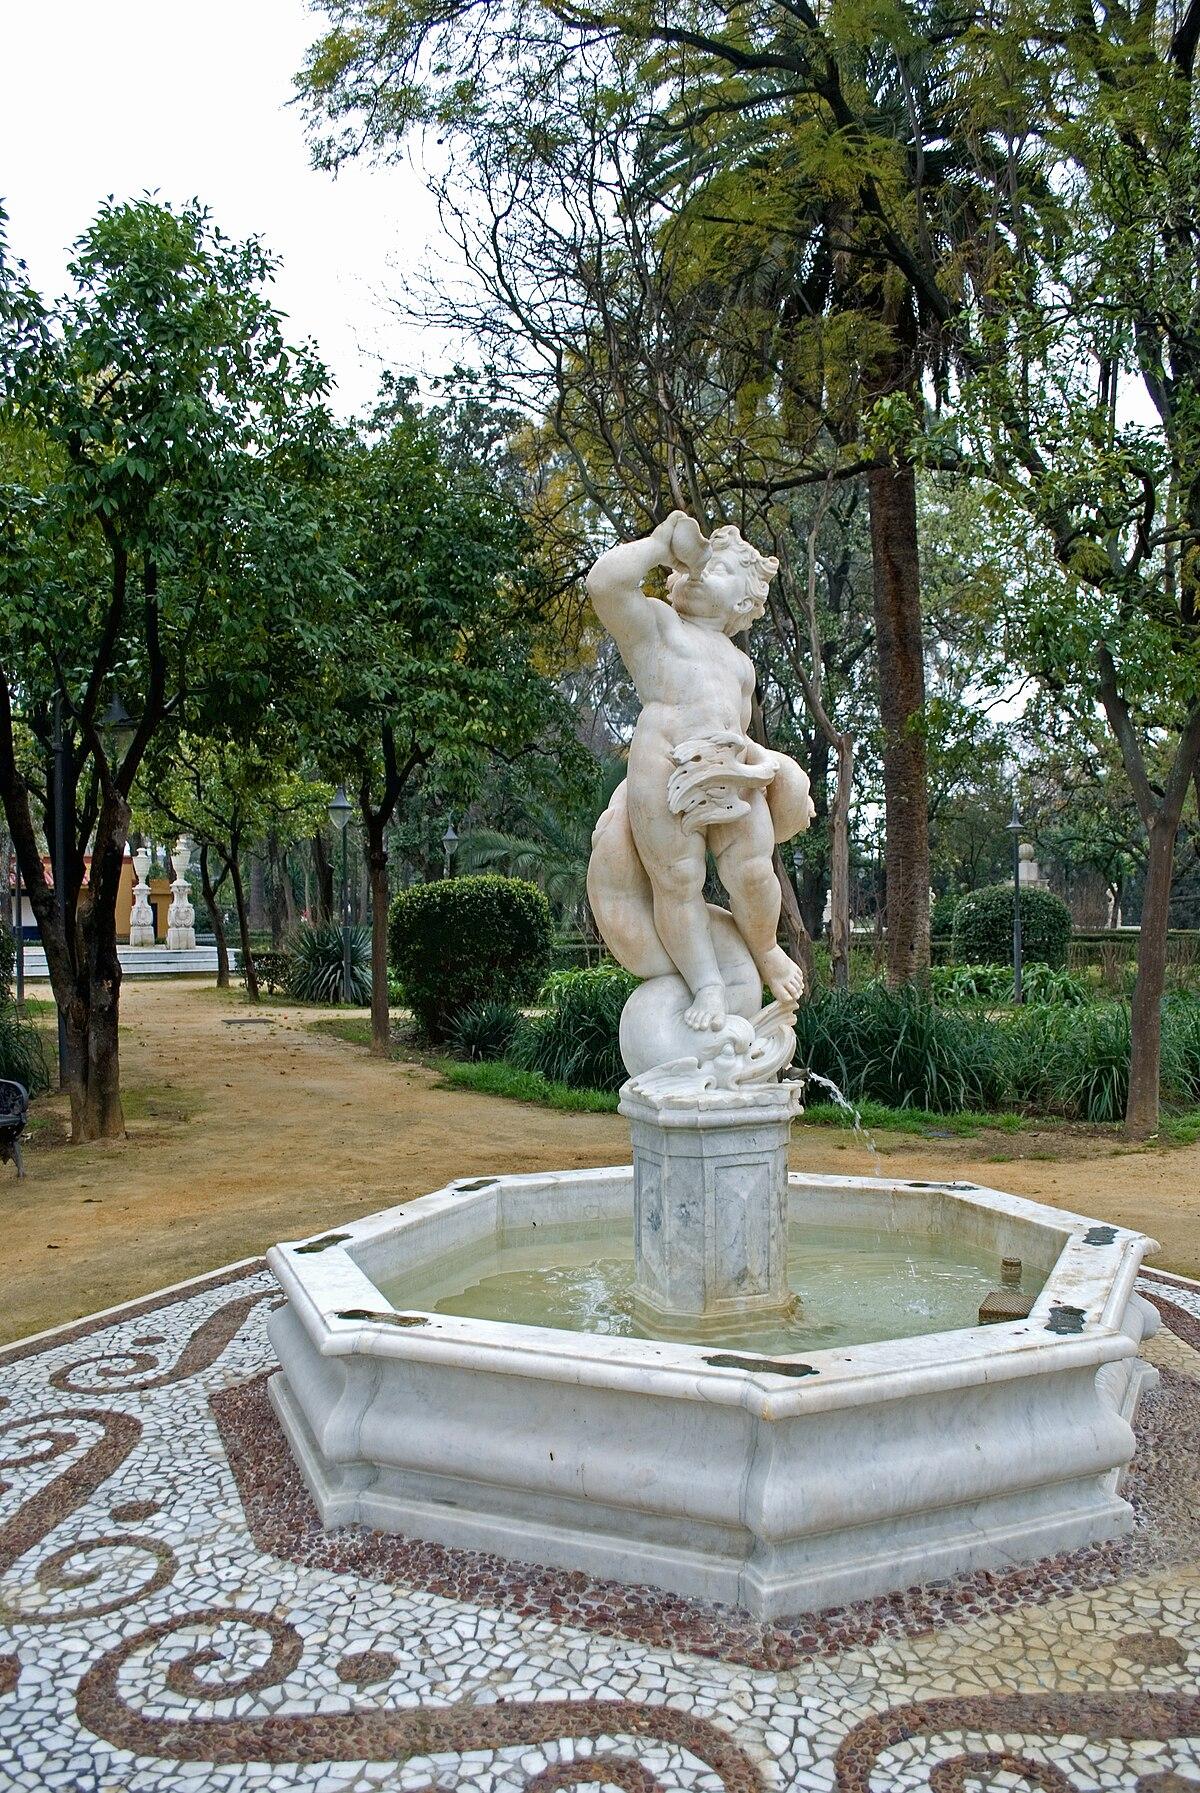 Jardines de las delicias sevilla wikipedia la enciclopedia libre - Jardines de sevilla ...